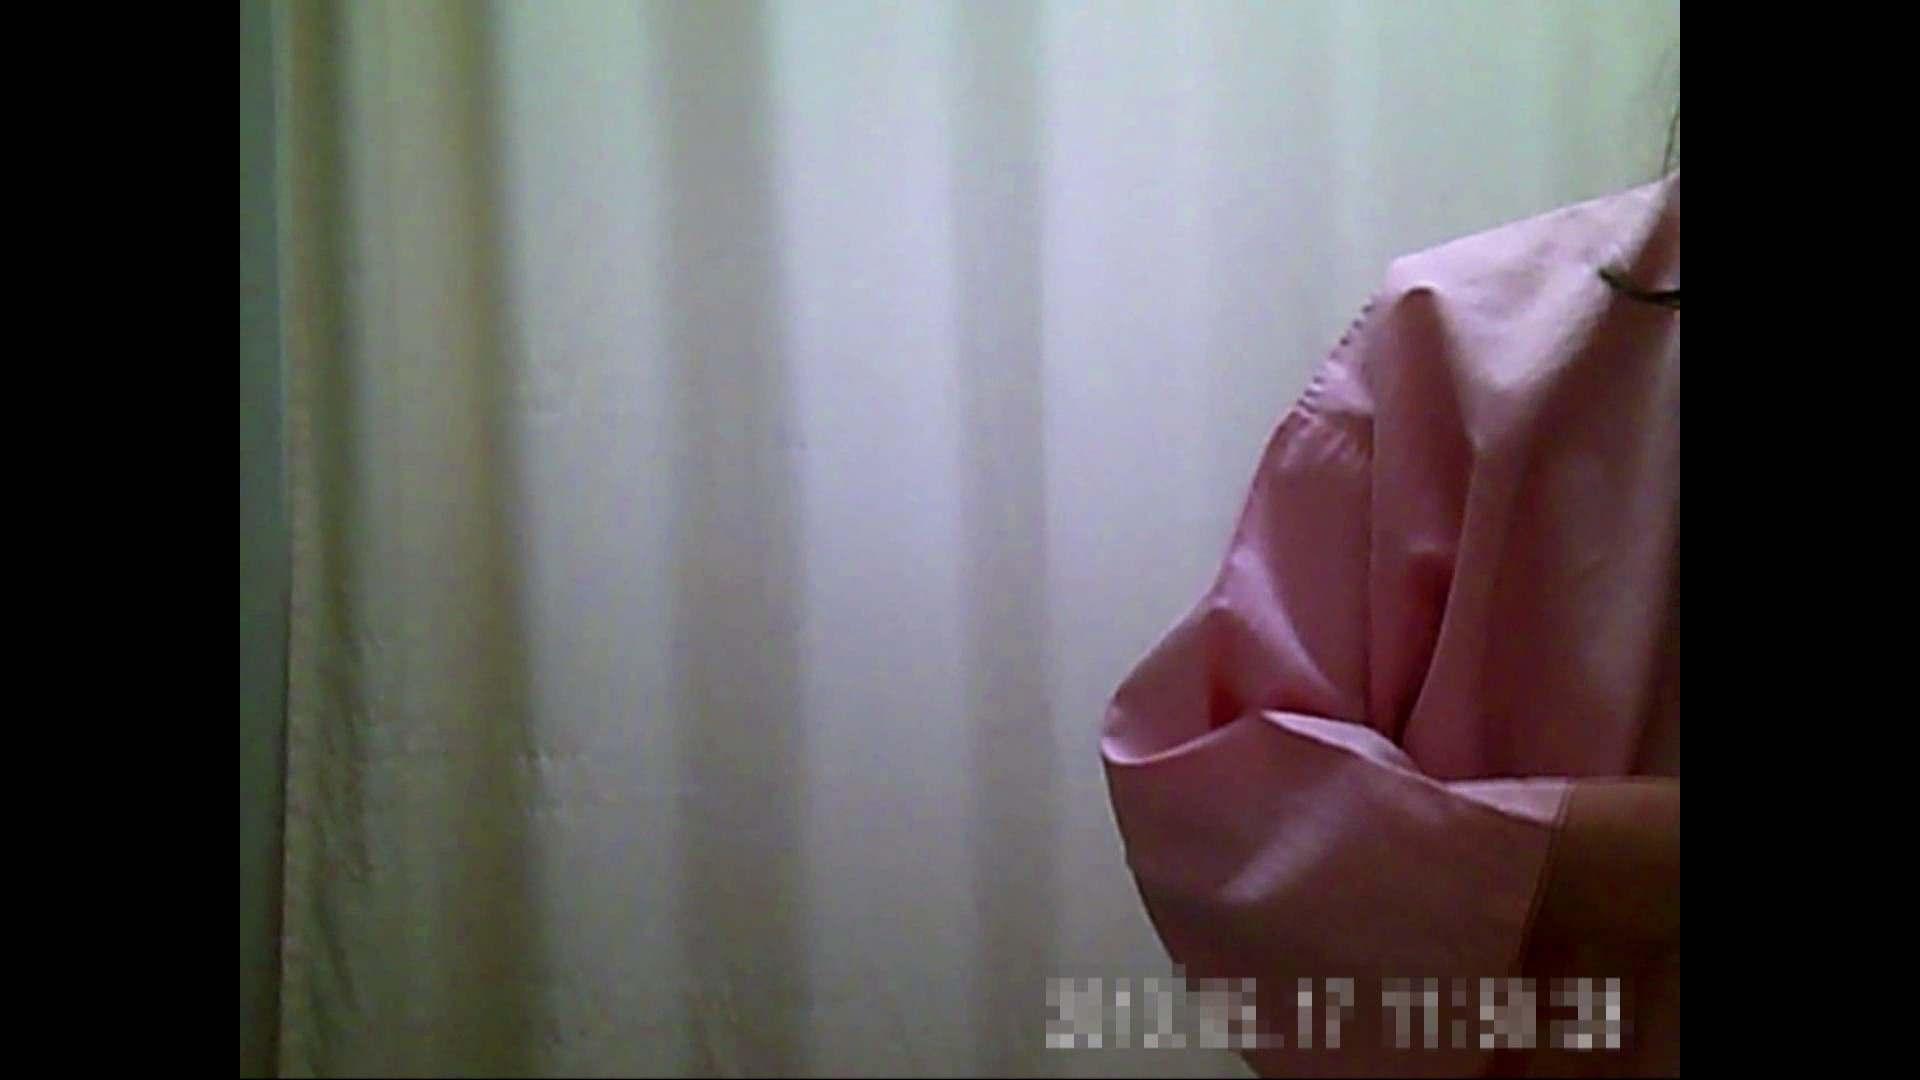 元医者による反抗 更衣室地獄絵巻 vol.272 OL  102pic 52